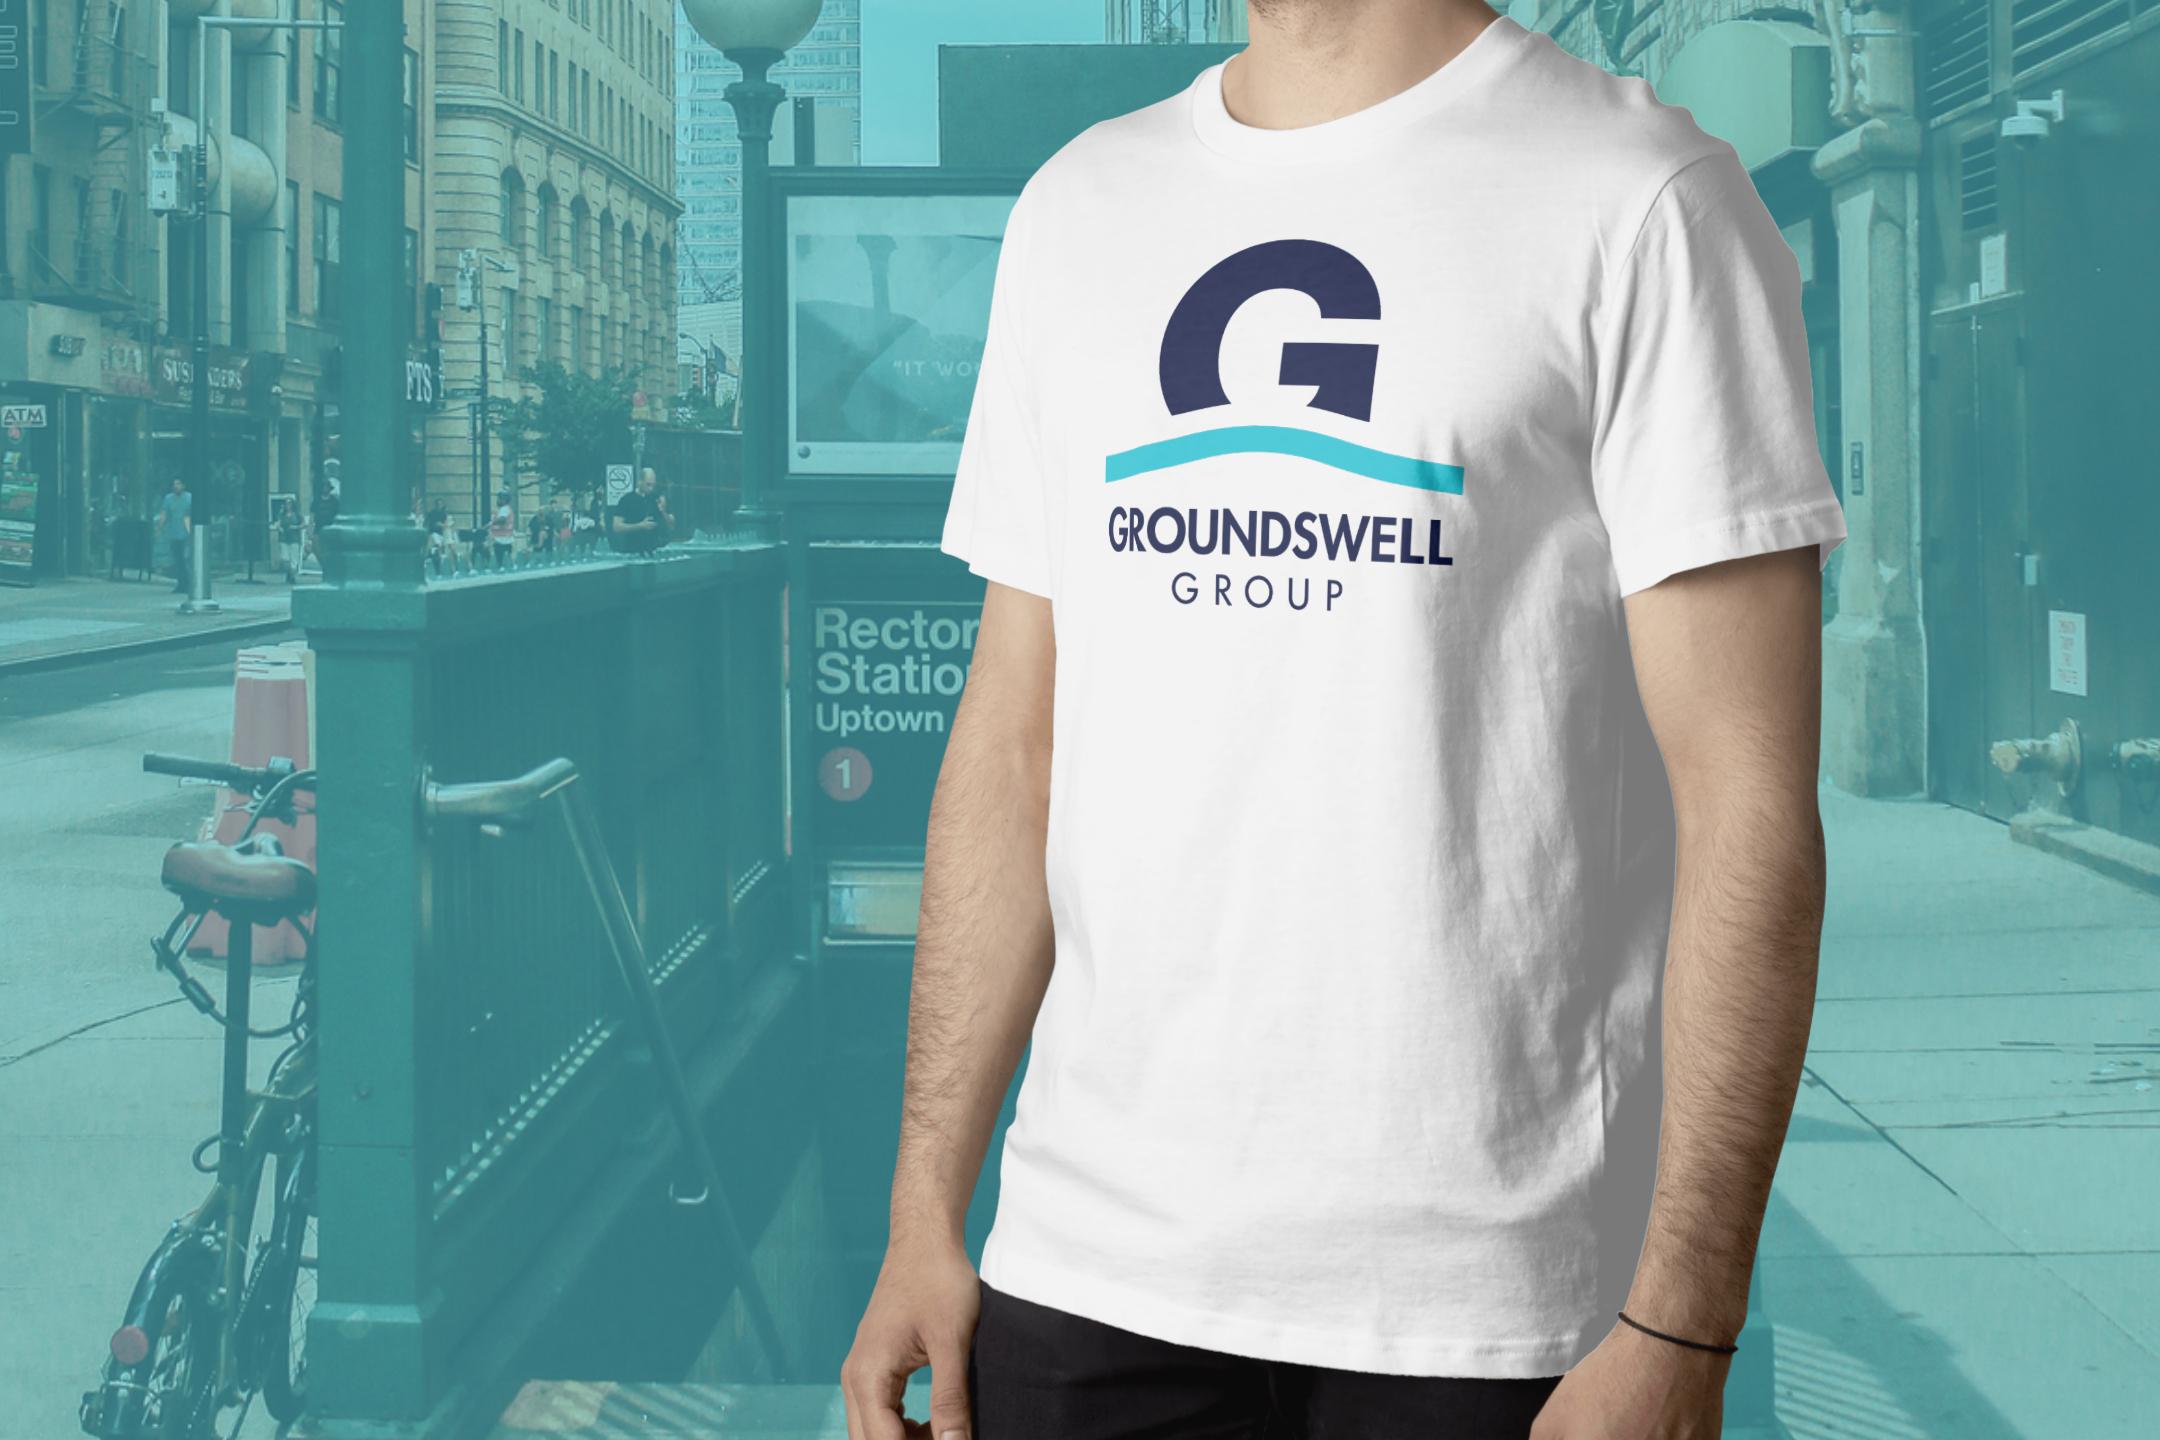 groundswell-tee-mockup.jpeg